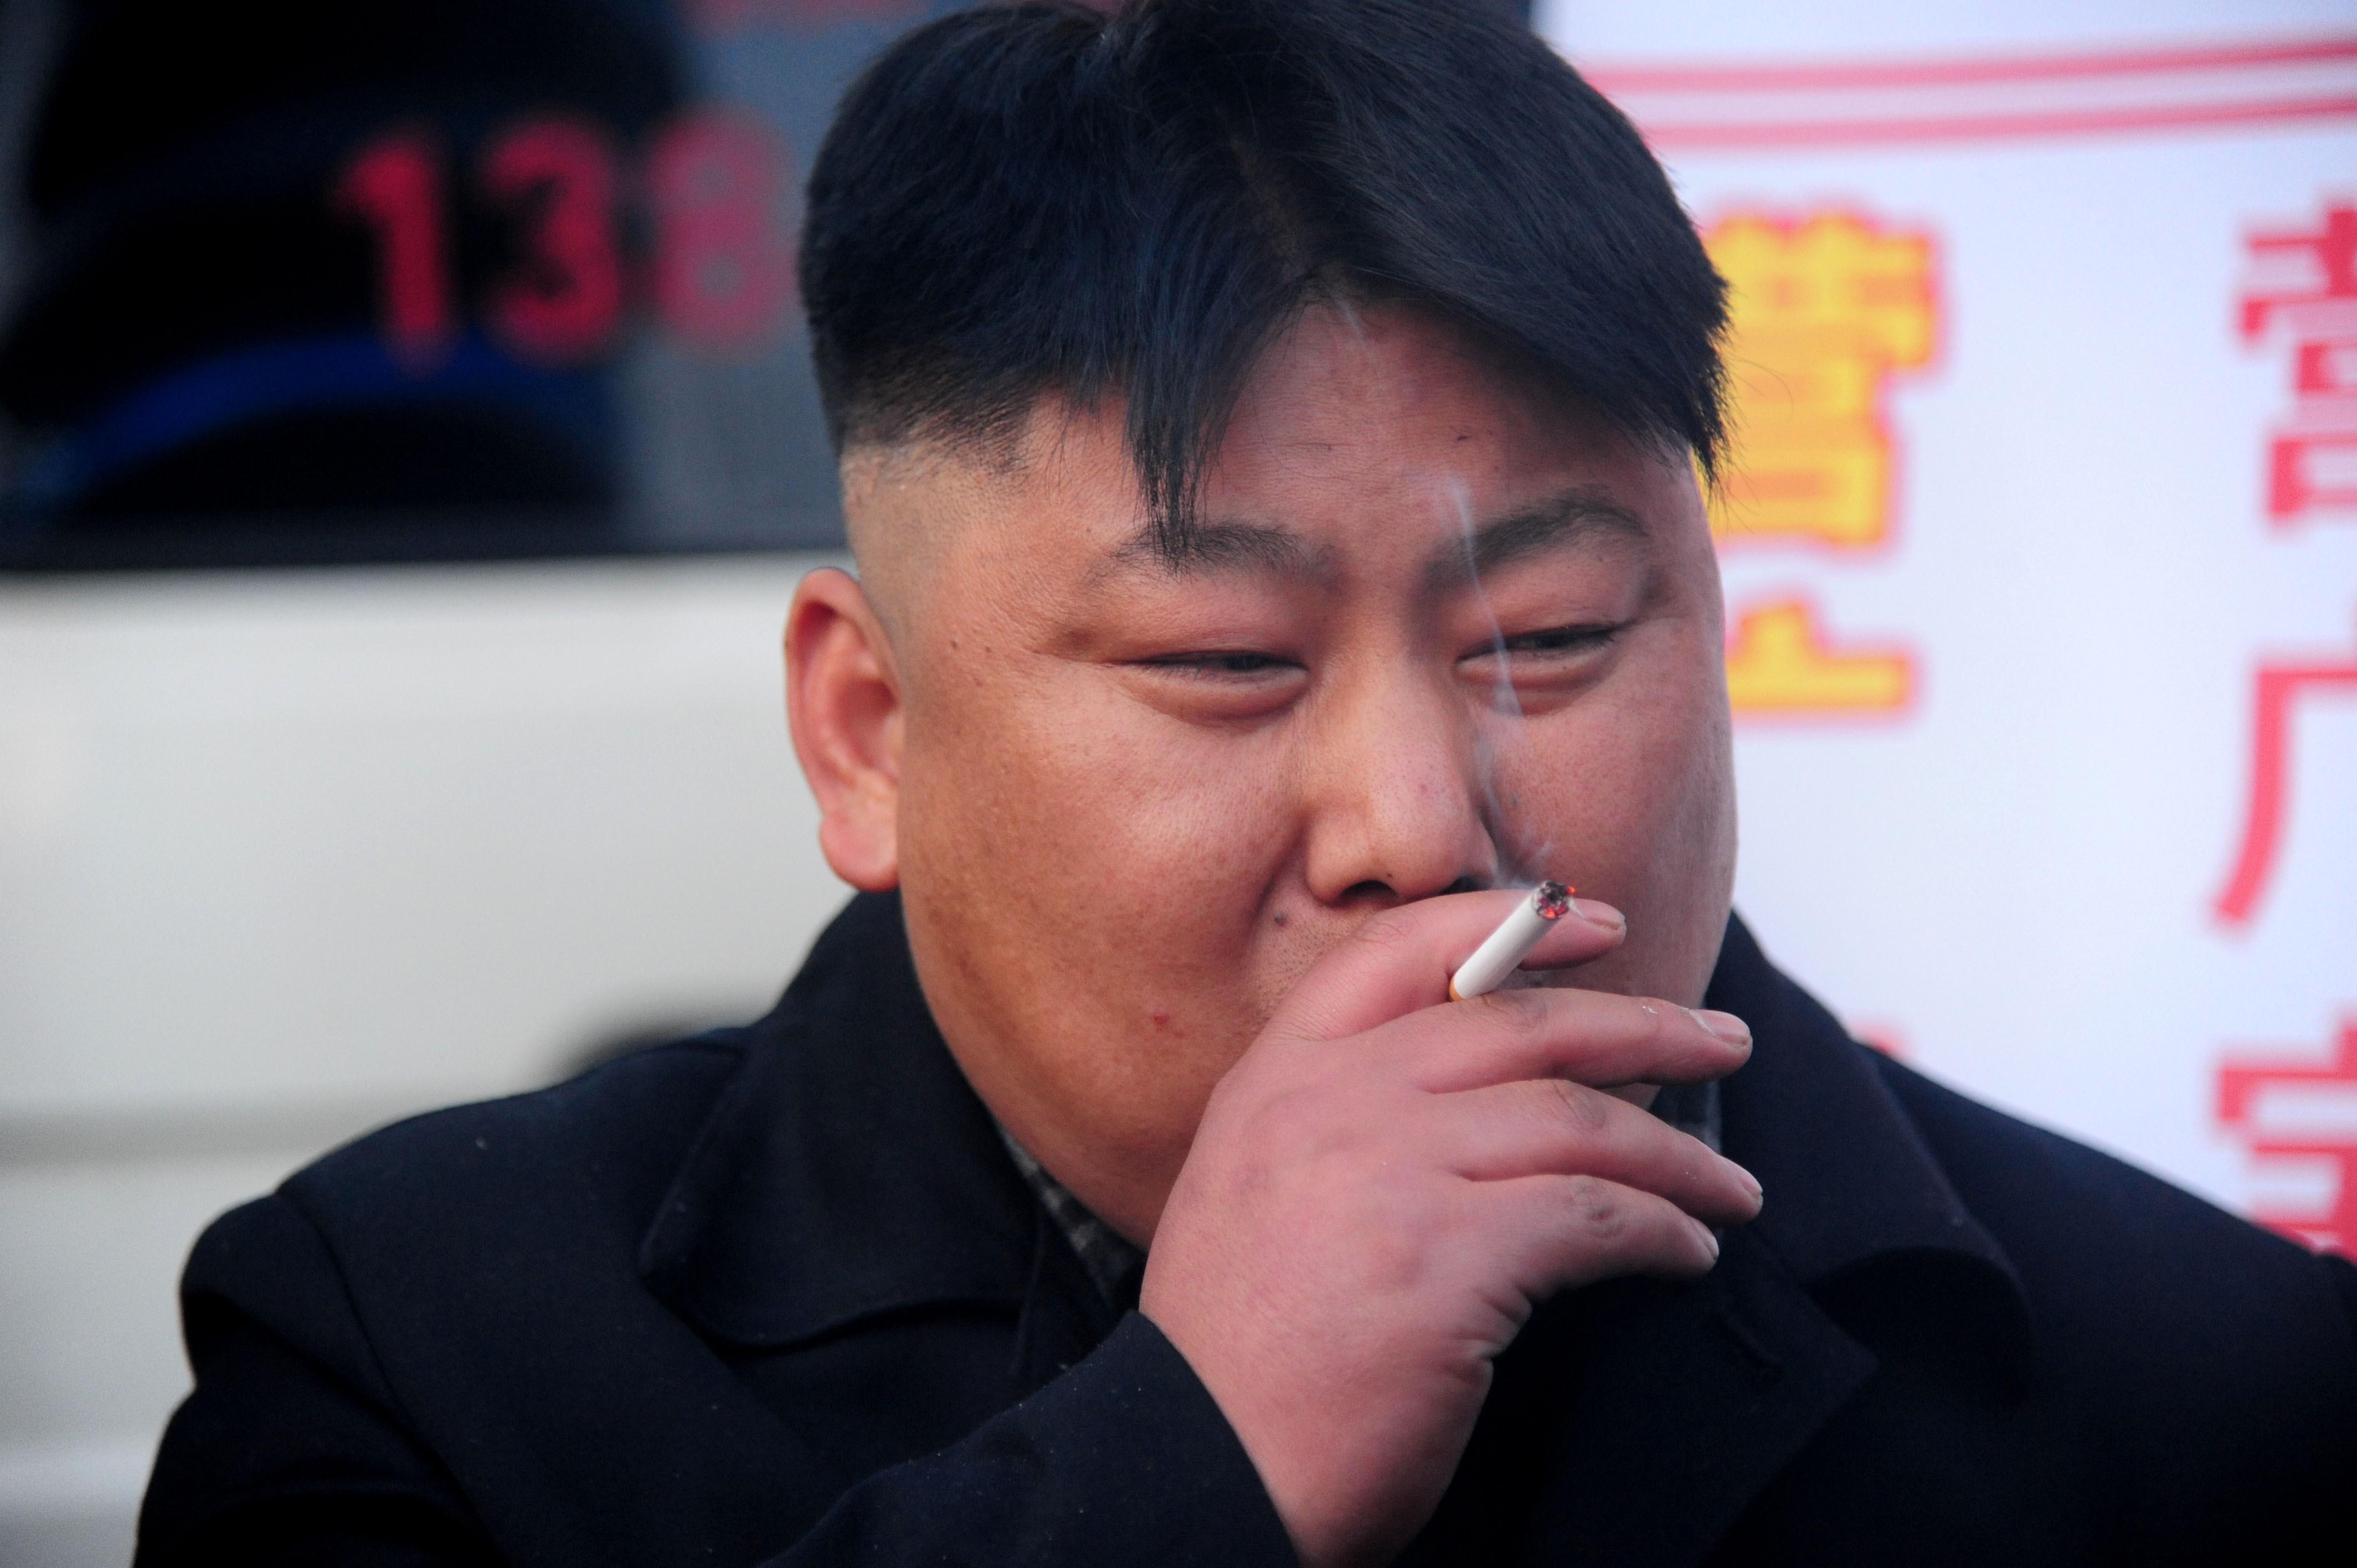 un non fumatore che risale un fumatore